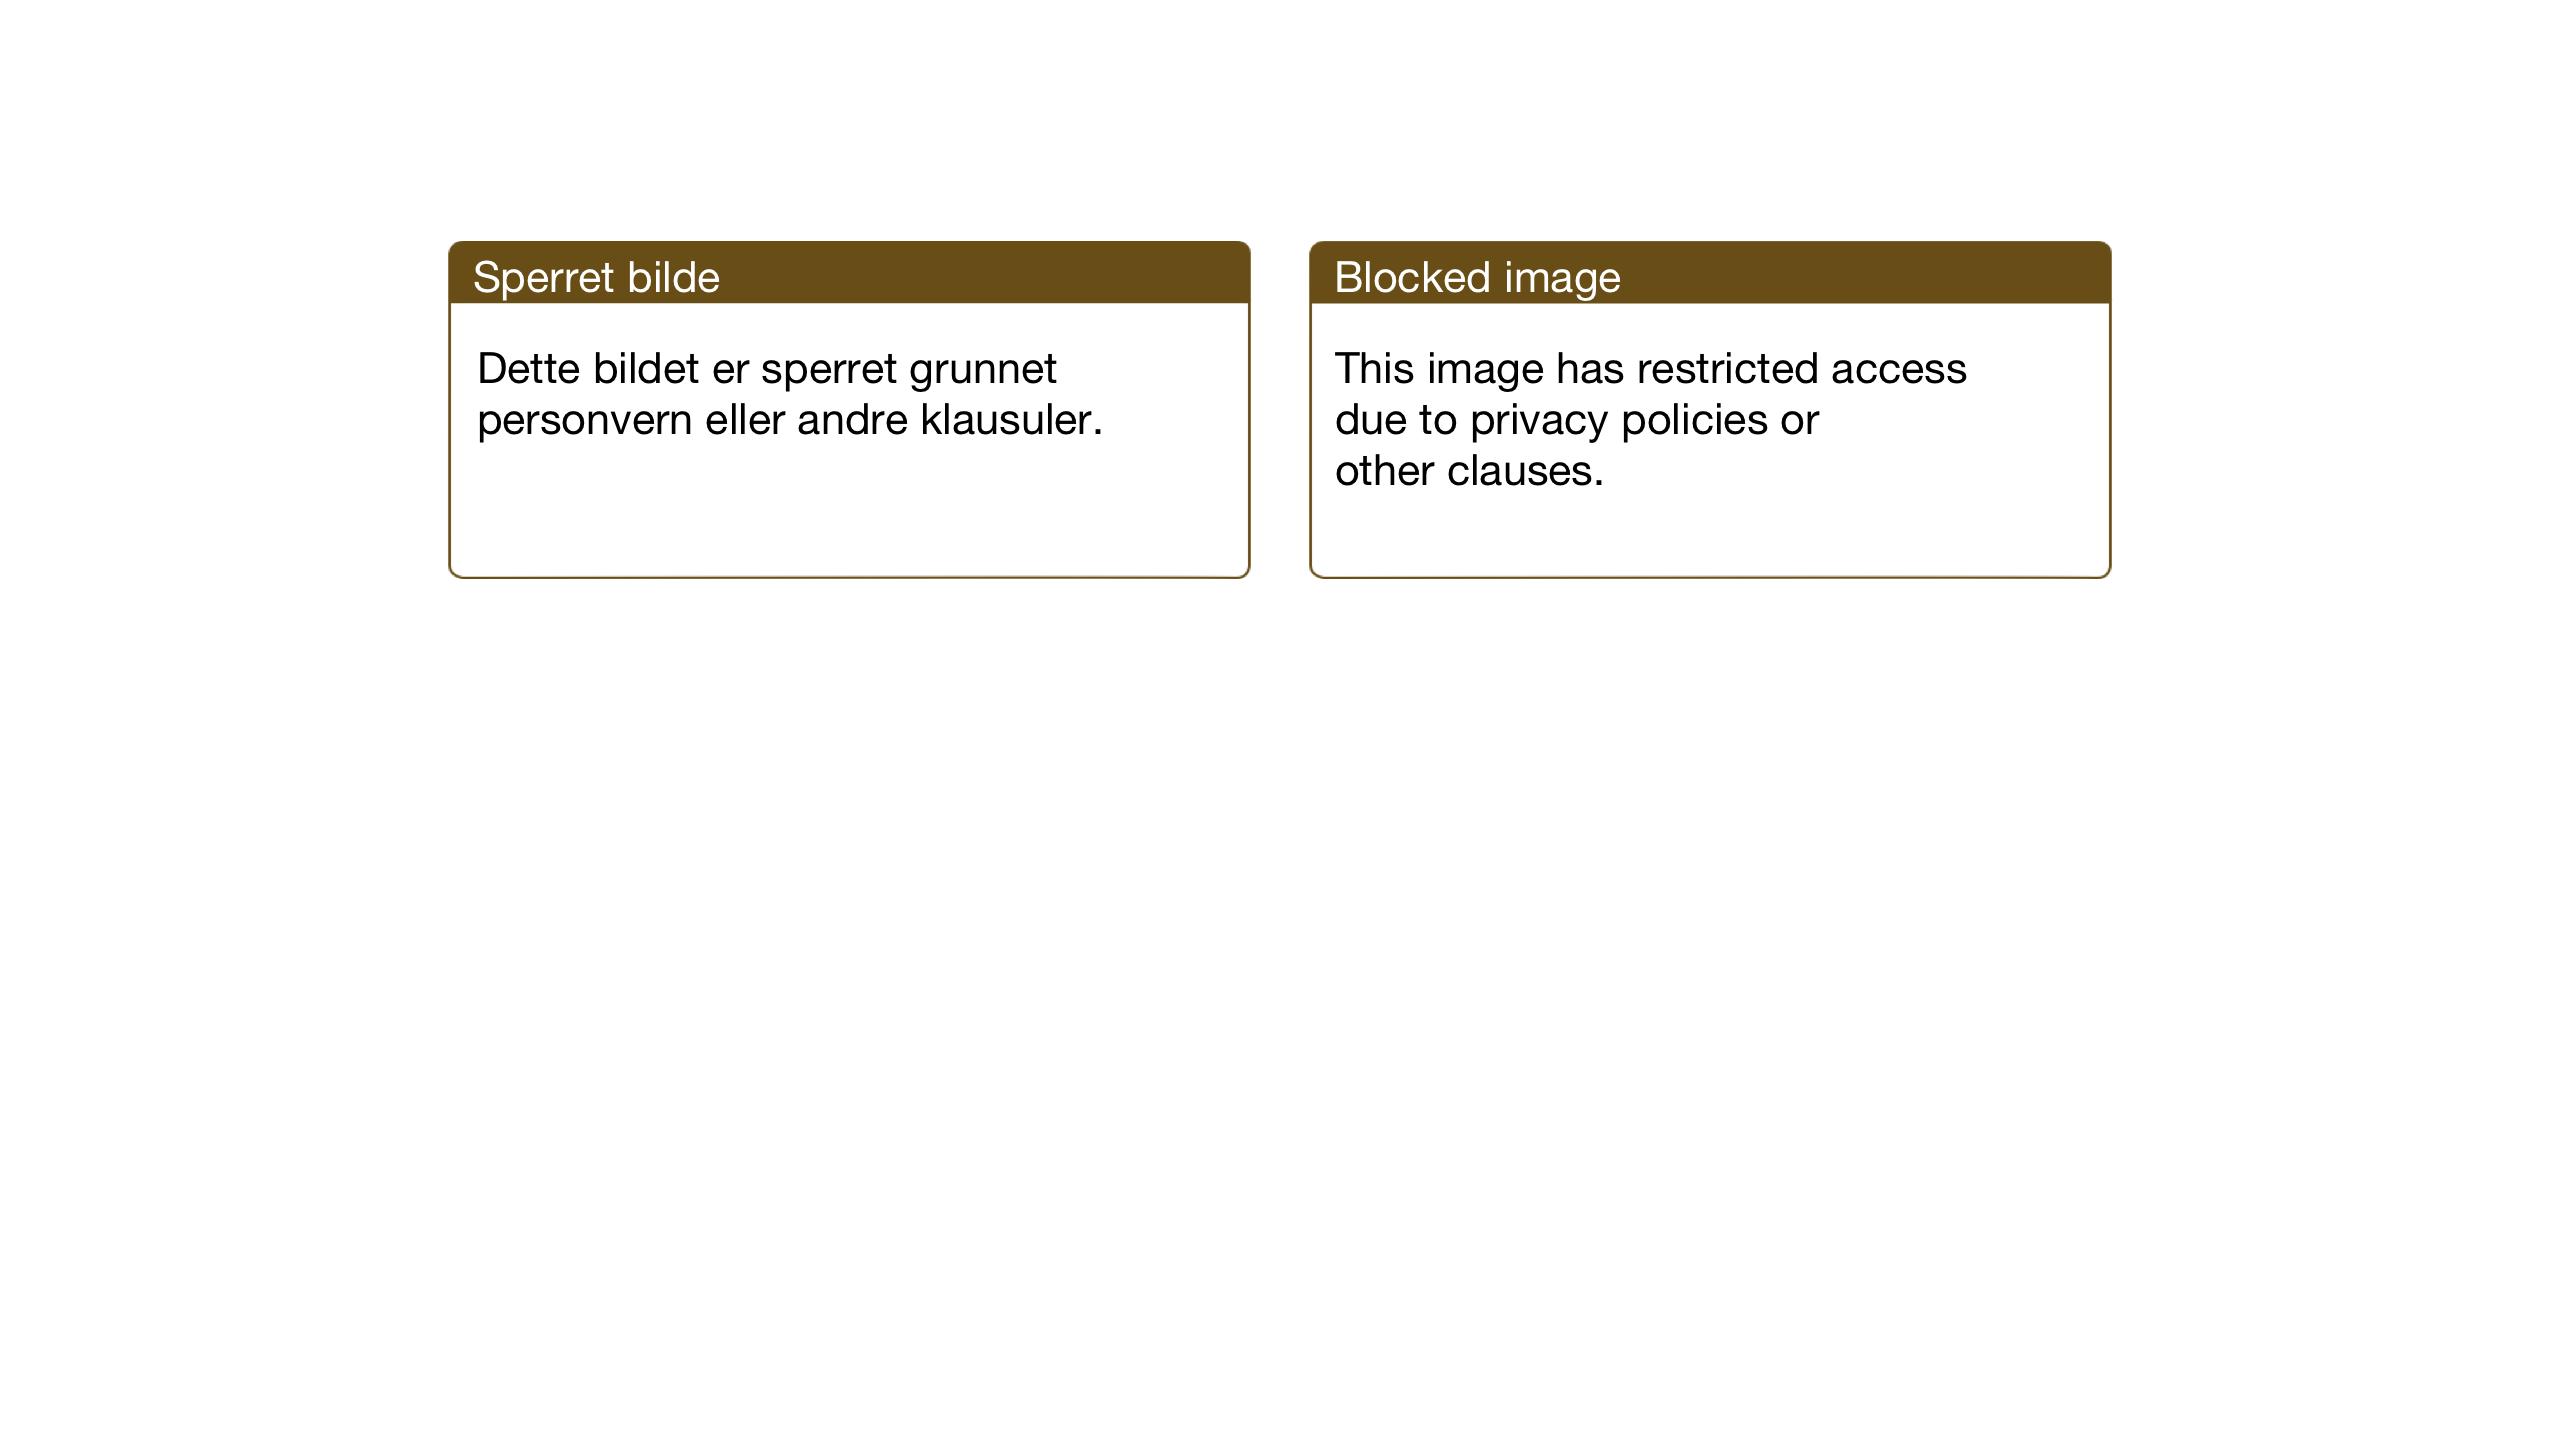 SAT, Ministerialprotokoller, klokkerbøker og fødselsregistre - Nord-Trøndelag, 714/L0136: Klokkerbok nr. 714C05, 1918-1957, s. 31